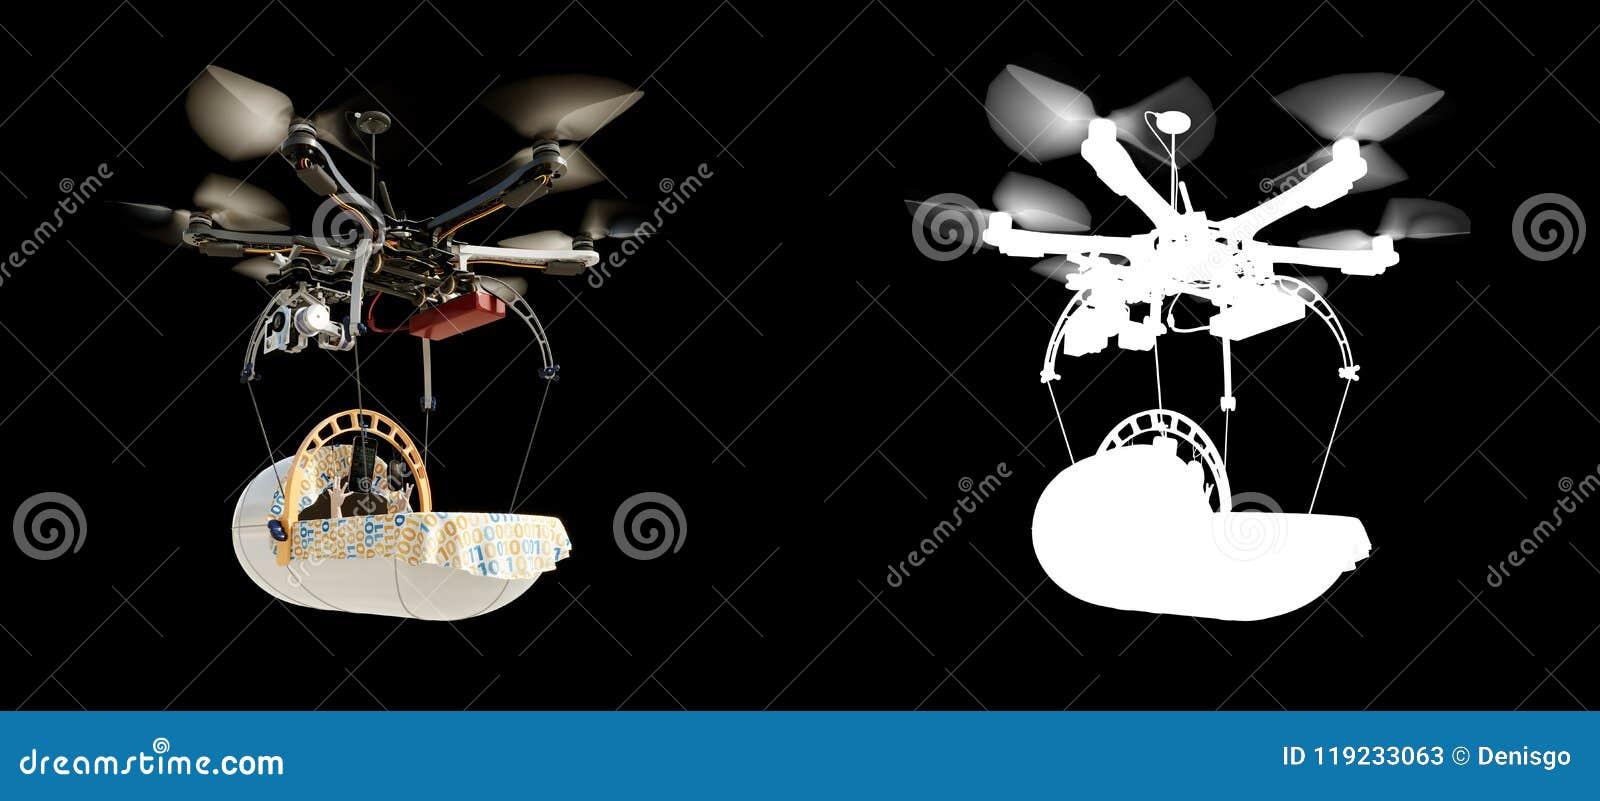 Απεικόνιση υποβάθρου έννοιας εξέλιξης τεχνολογίας μωρών πελαργών με τον άλφα